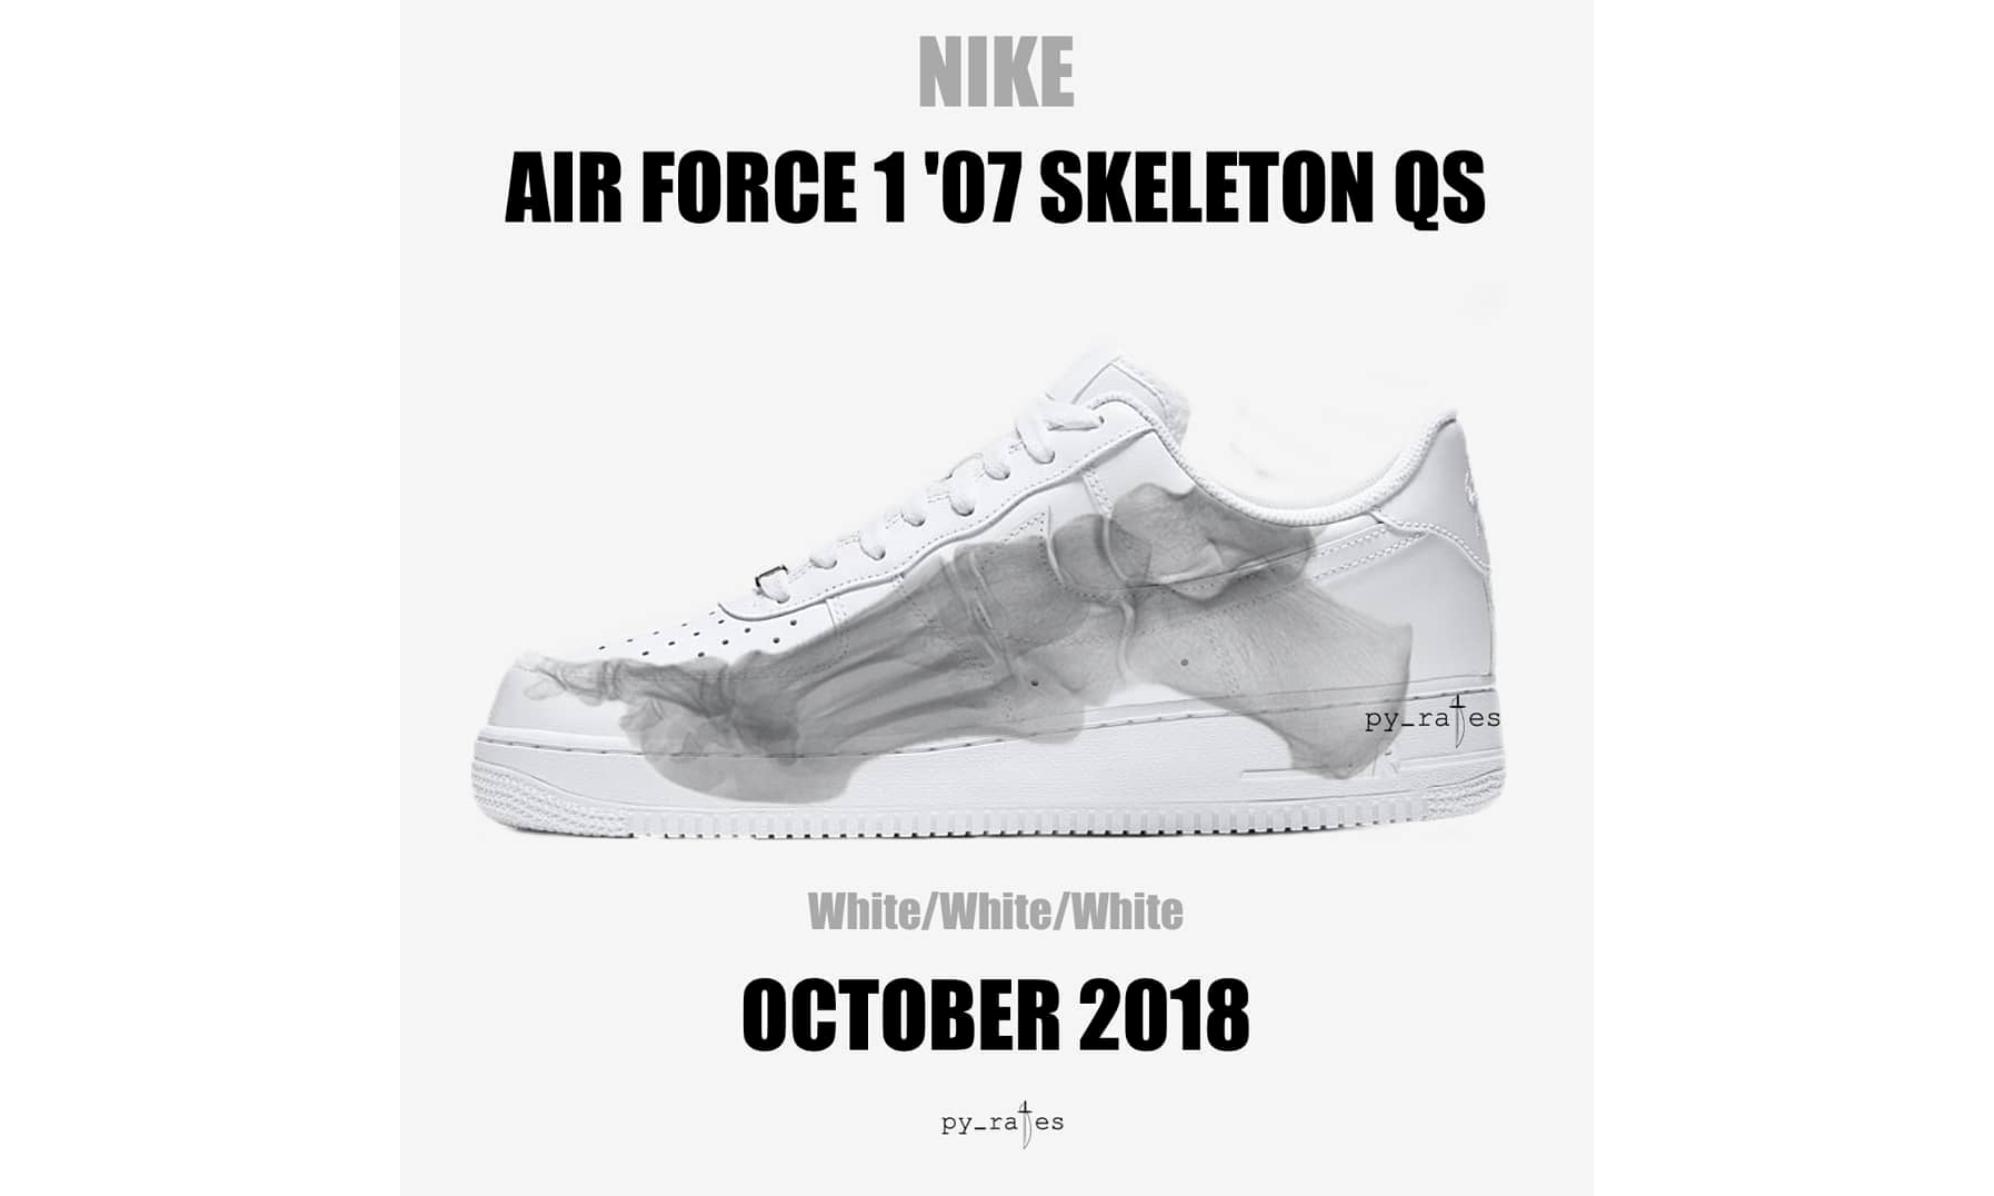 骨骼图案贯穿鞋身,Air Force 1 '07 Skeleton QS 释出